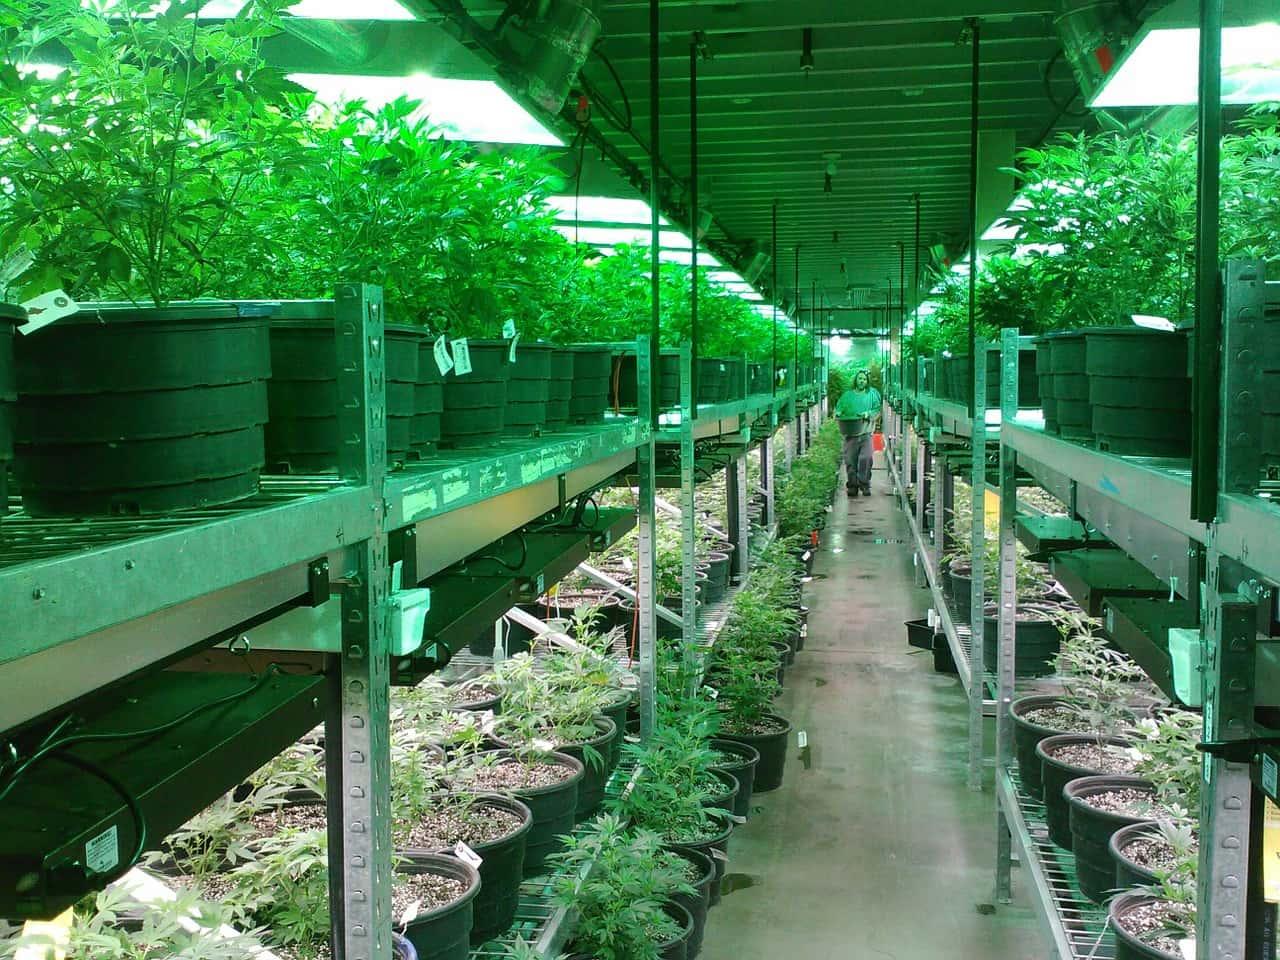 Cannabis coltivazione legale - Cannabis light: ecco perché deve essere legalizzata